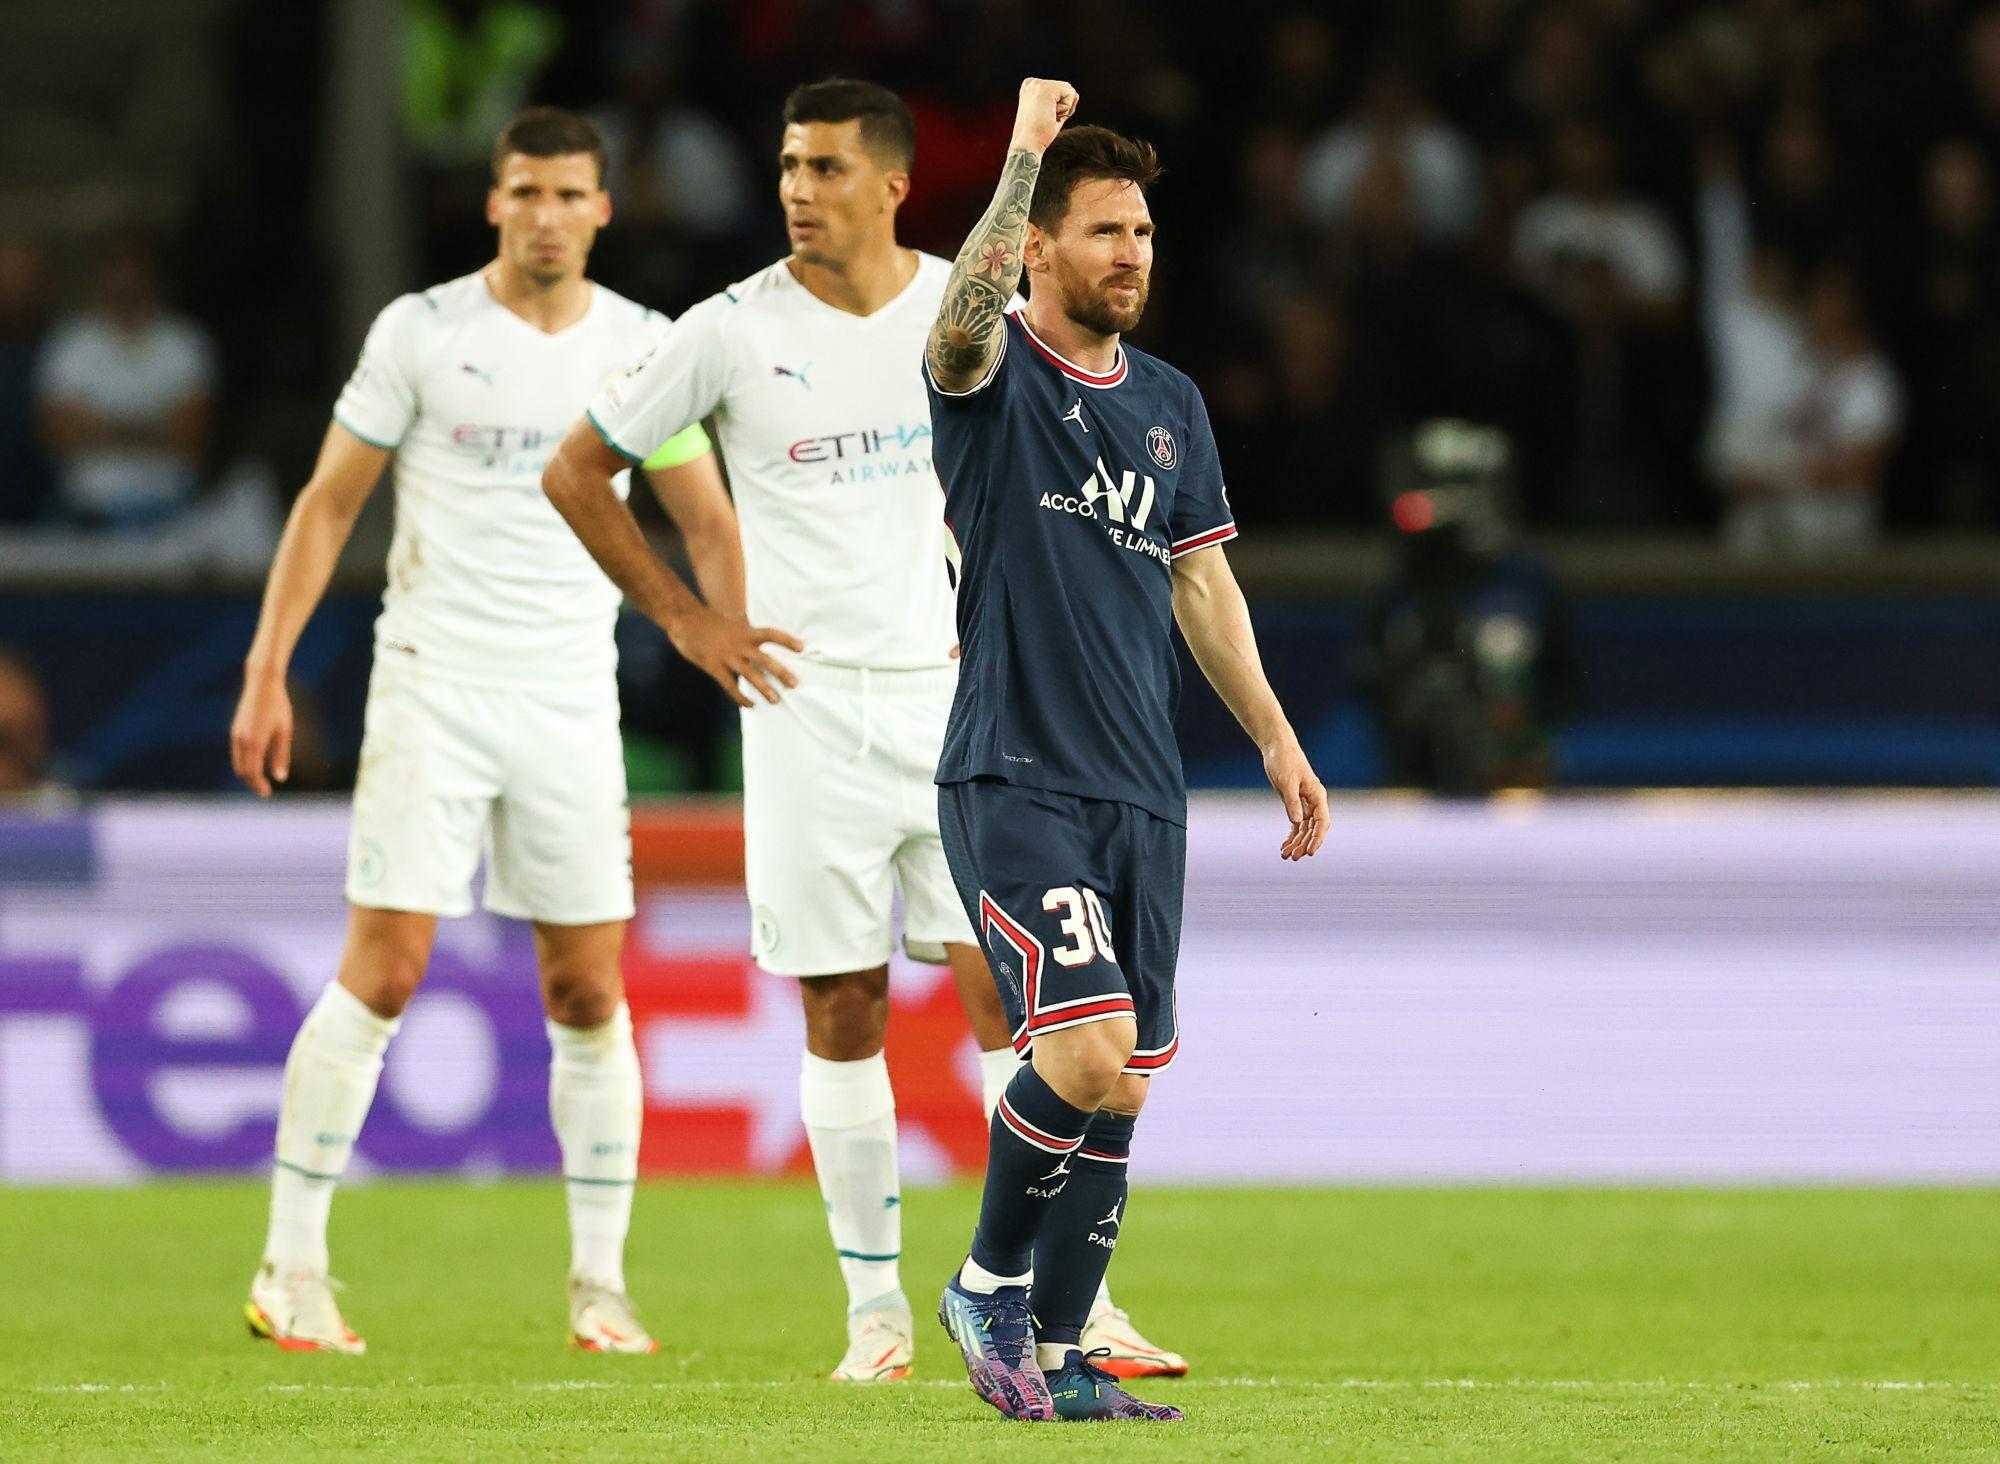 LDC - Le but de Messi face à City élu le plus beau de la 2e journée